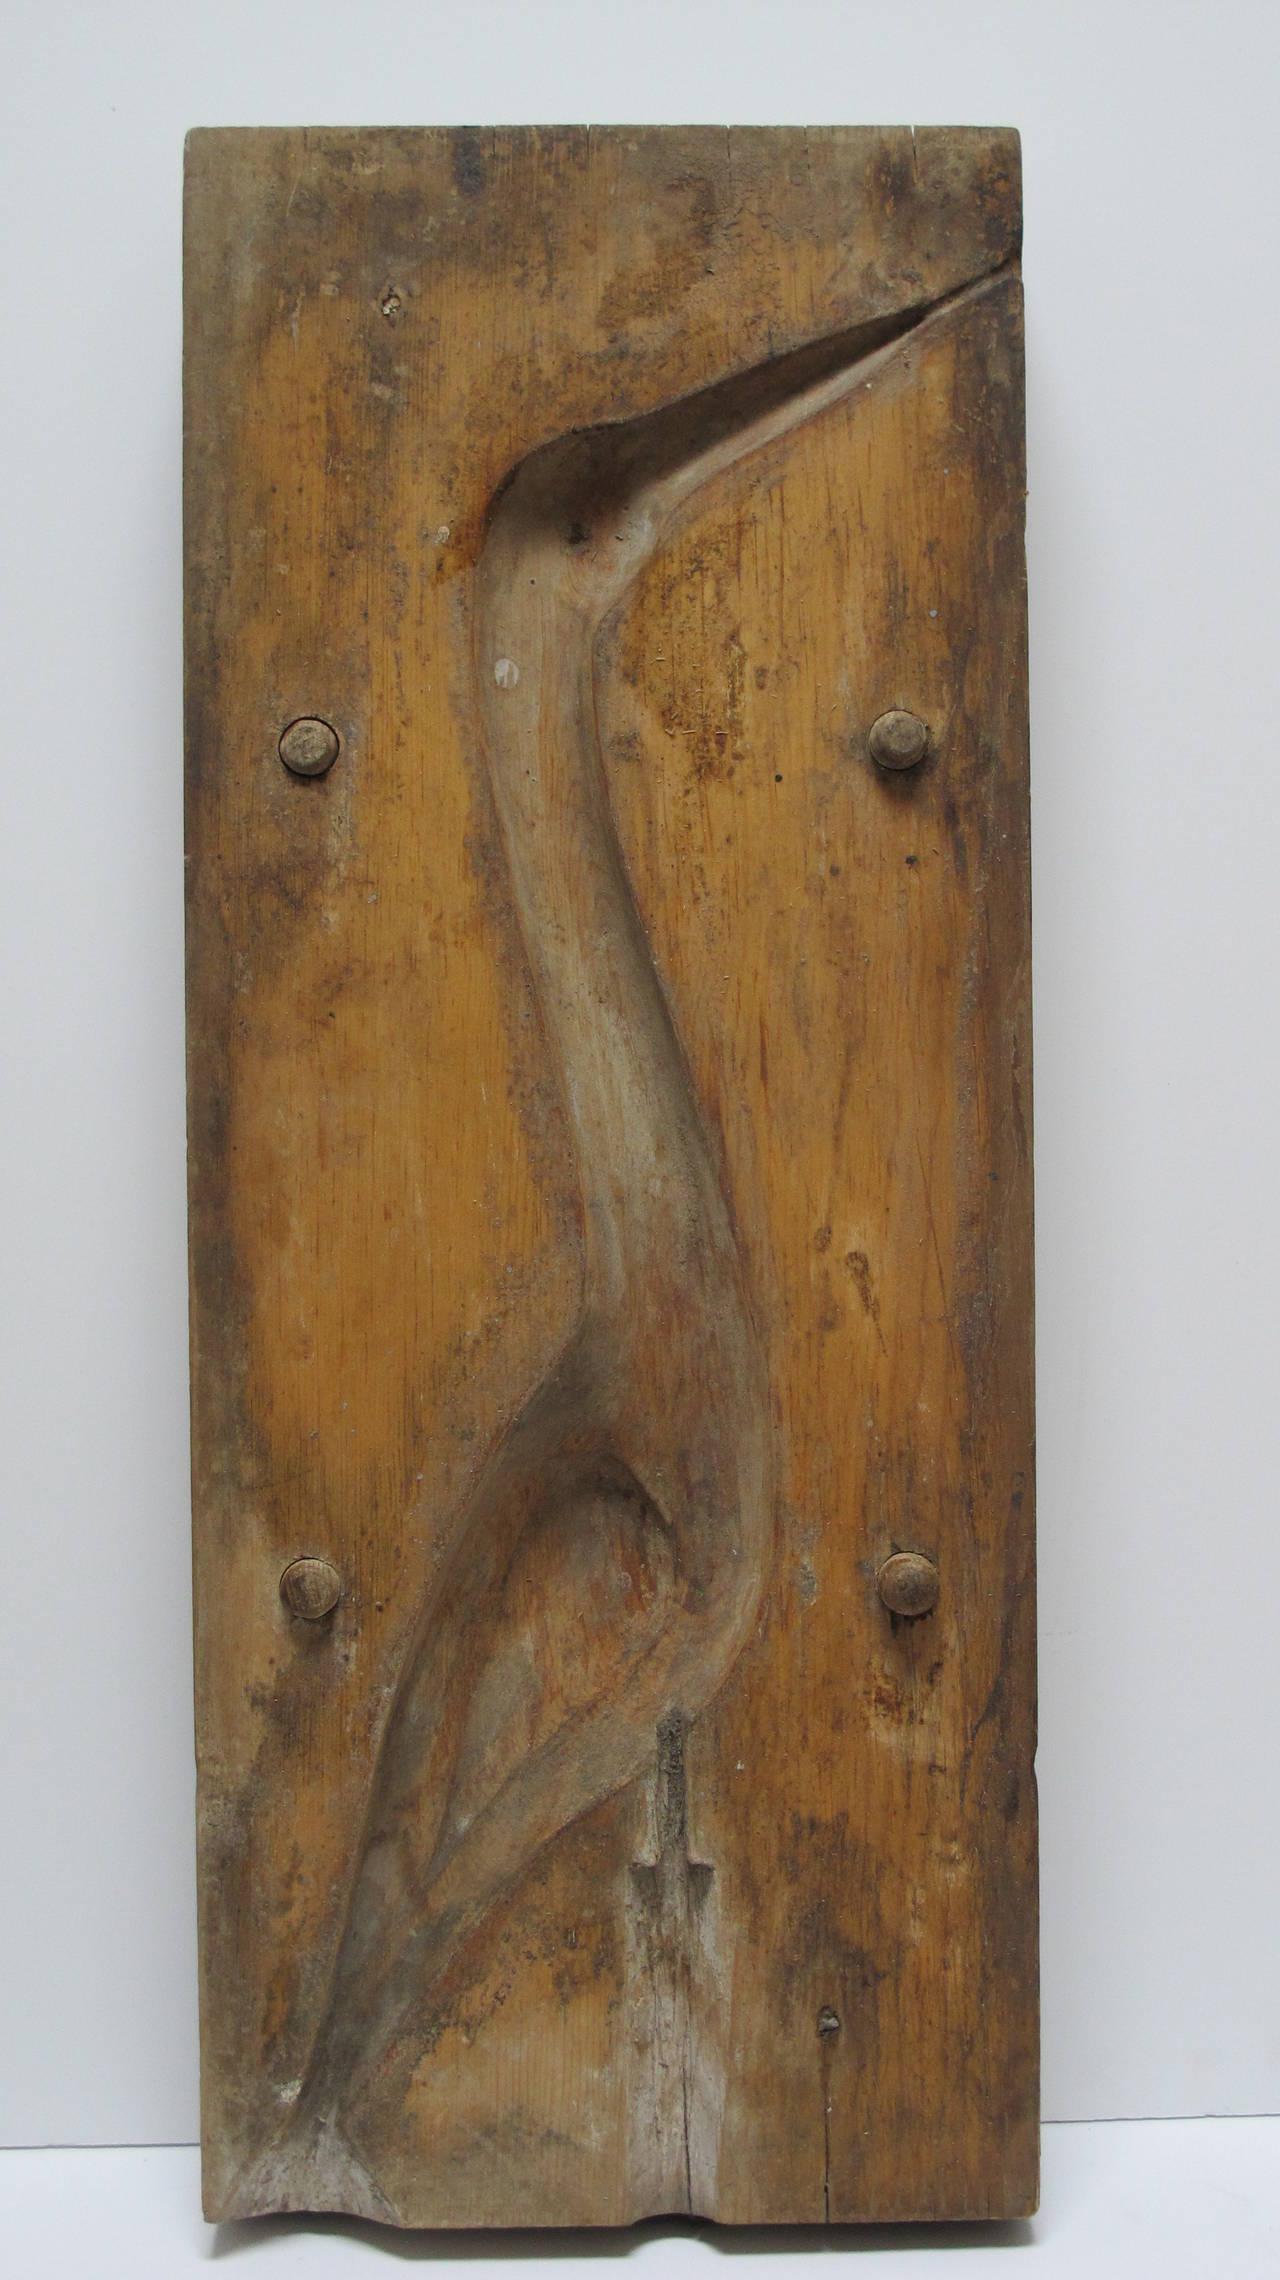 Wooden Egret Mold Sculpture For Sale At 1stdibs